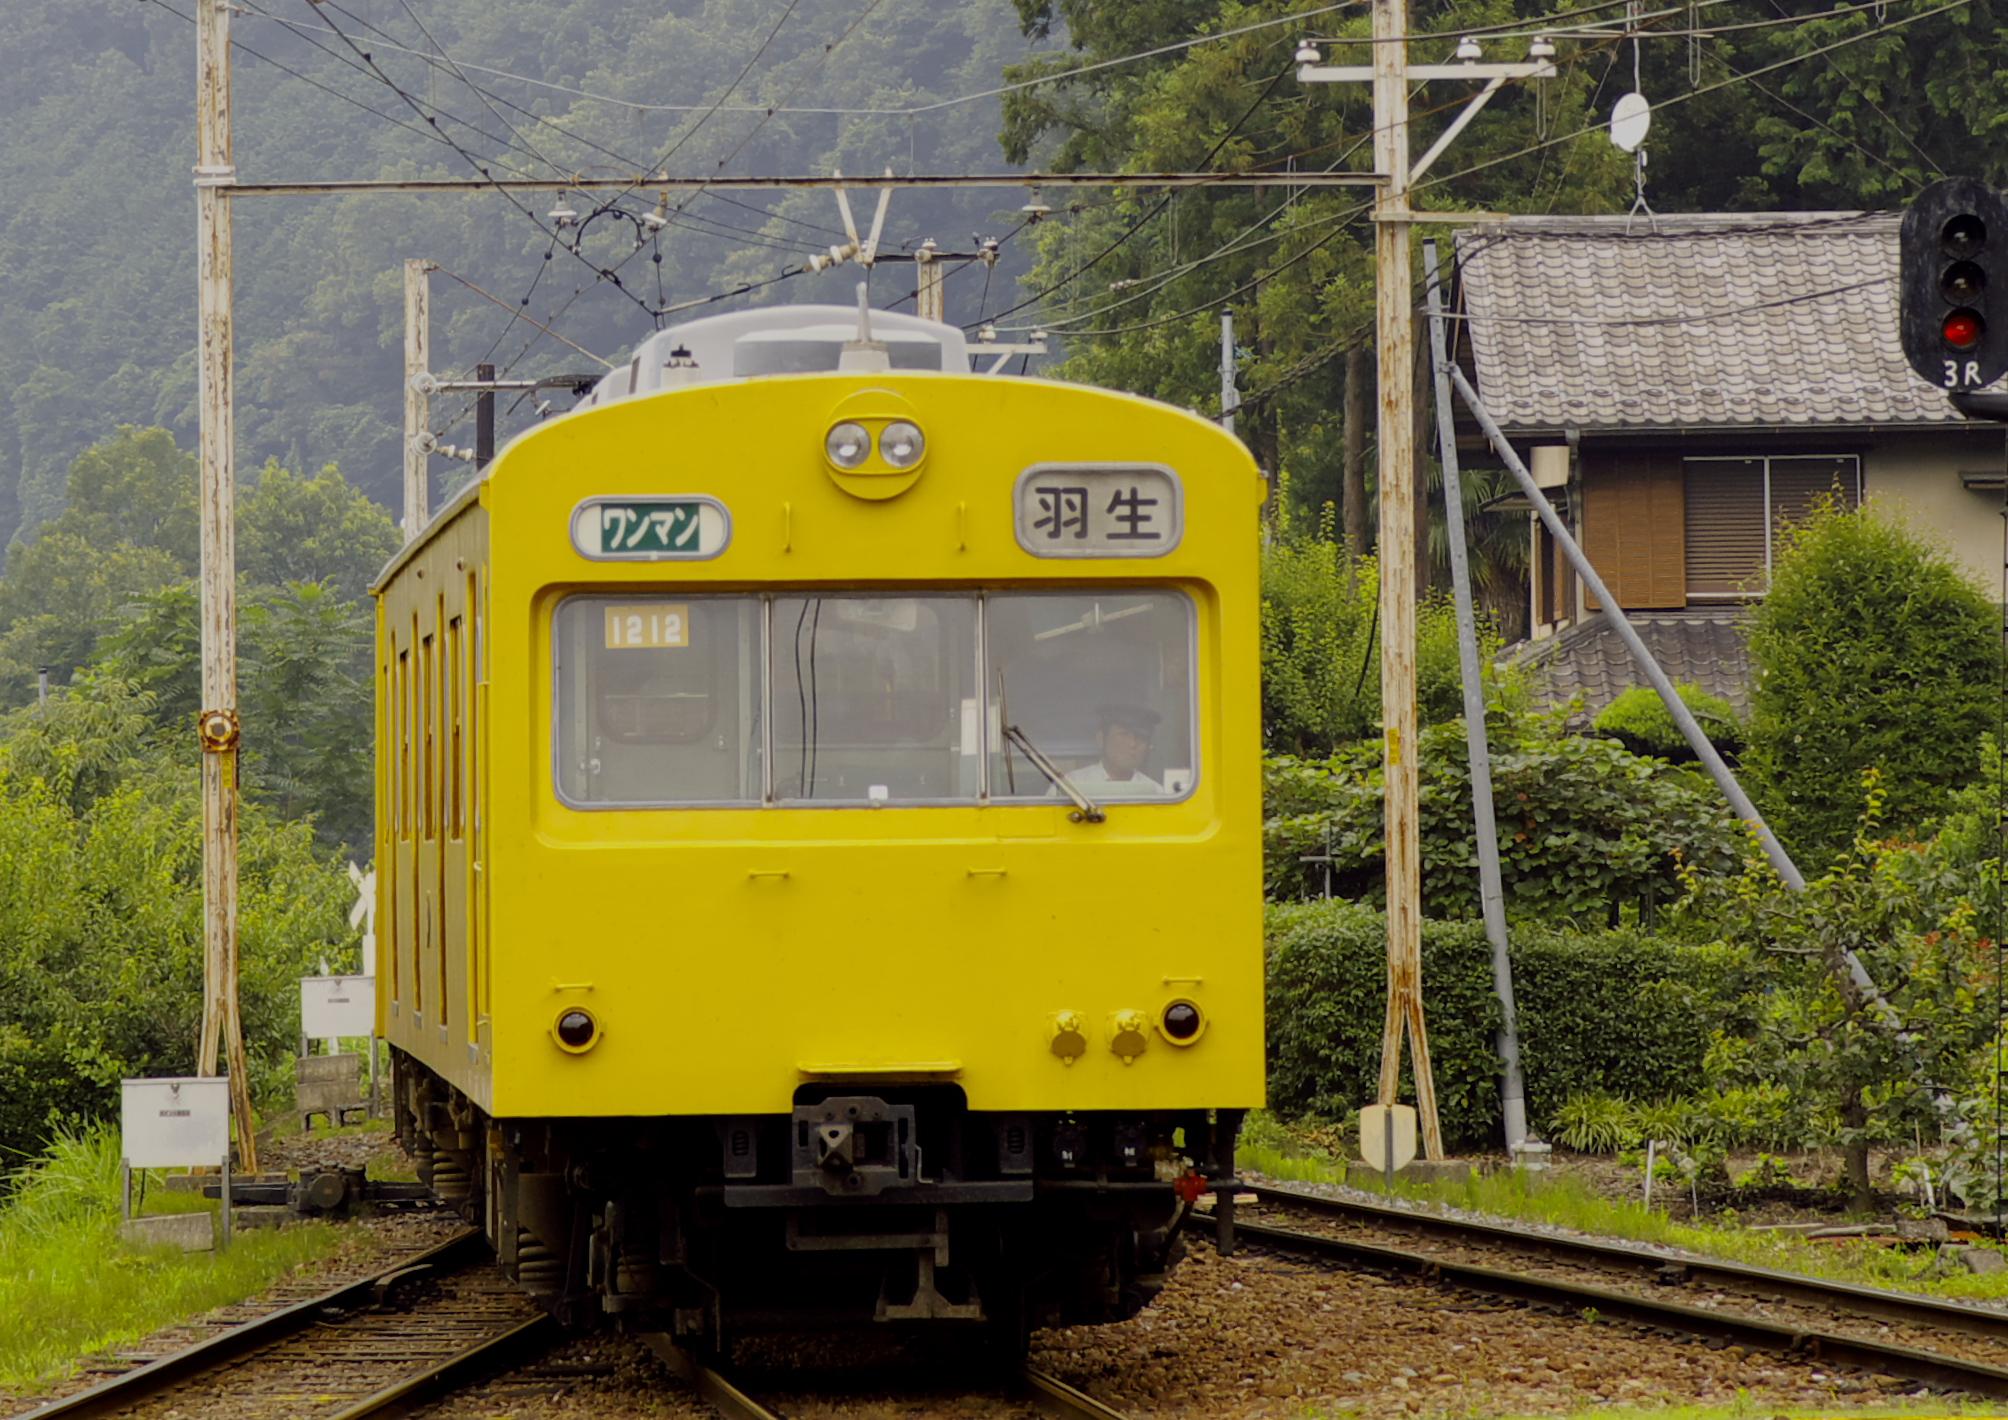 101系直流通勤型電車 | 国鉄型20XX -仙ナセ-